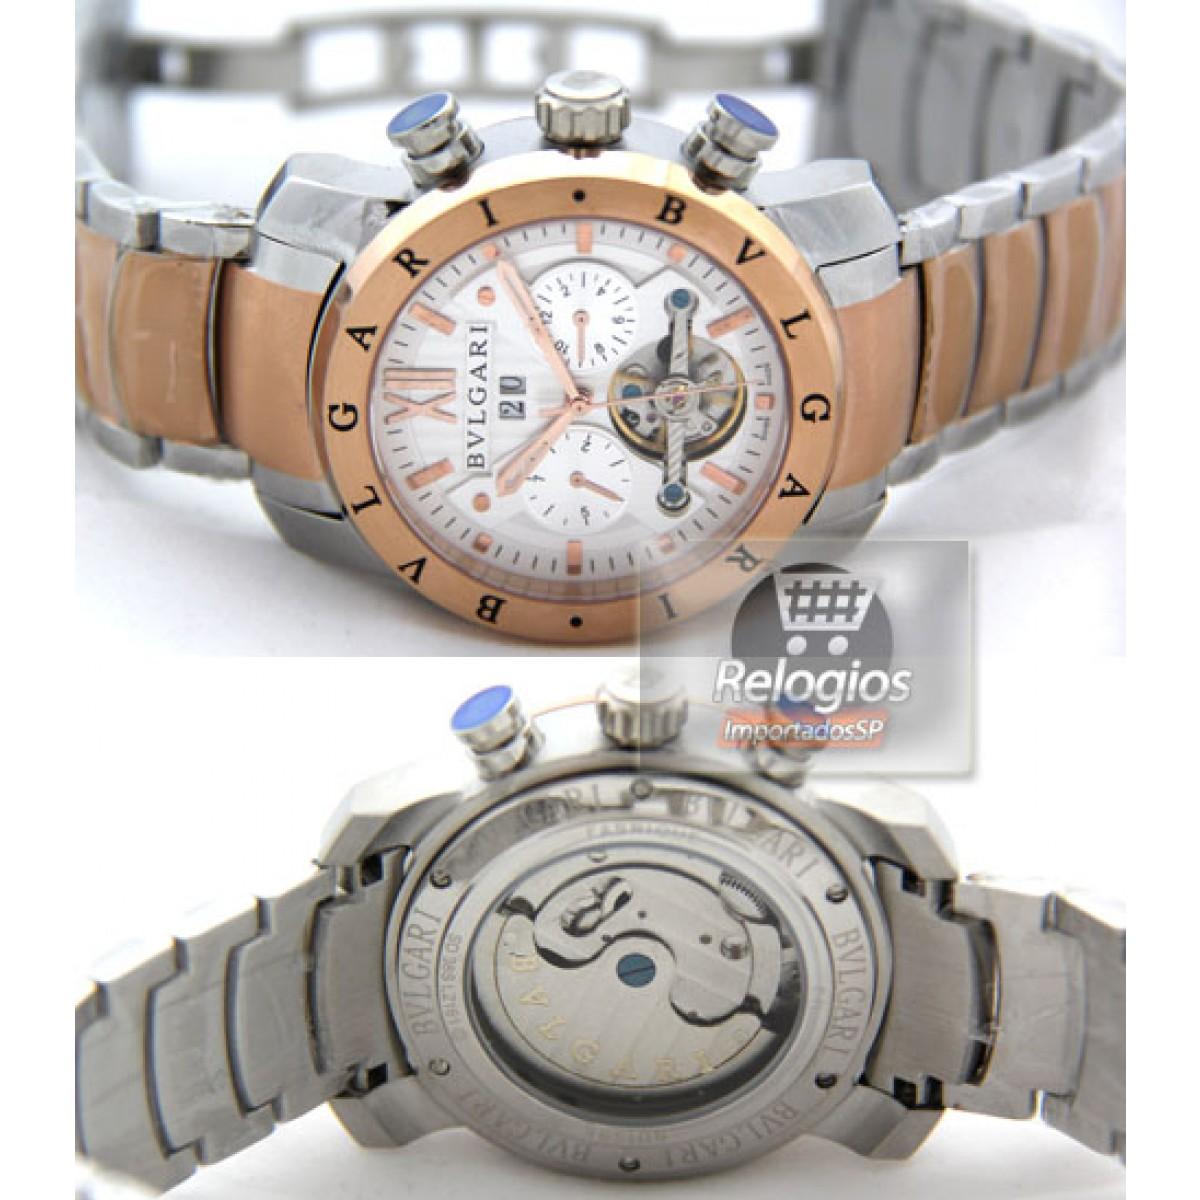 5823f492caa Relógio Réplica Bulgari Homem de Ferro Branco Rosê